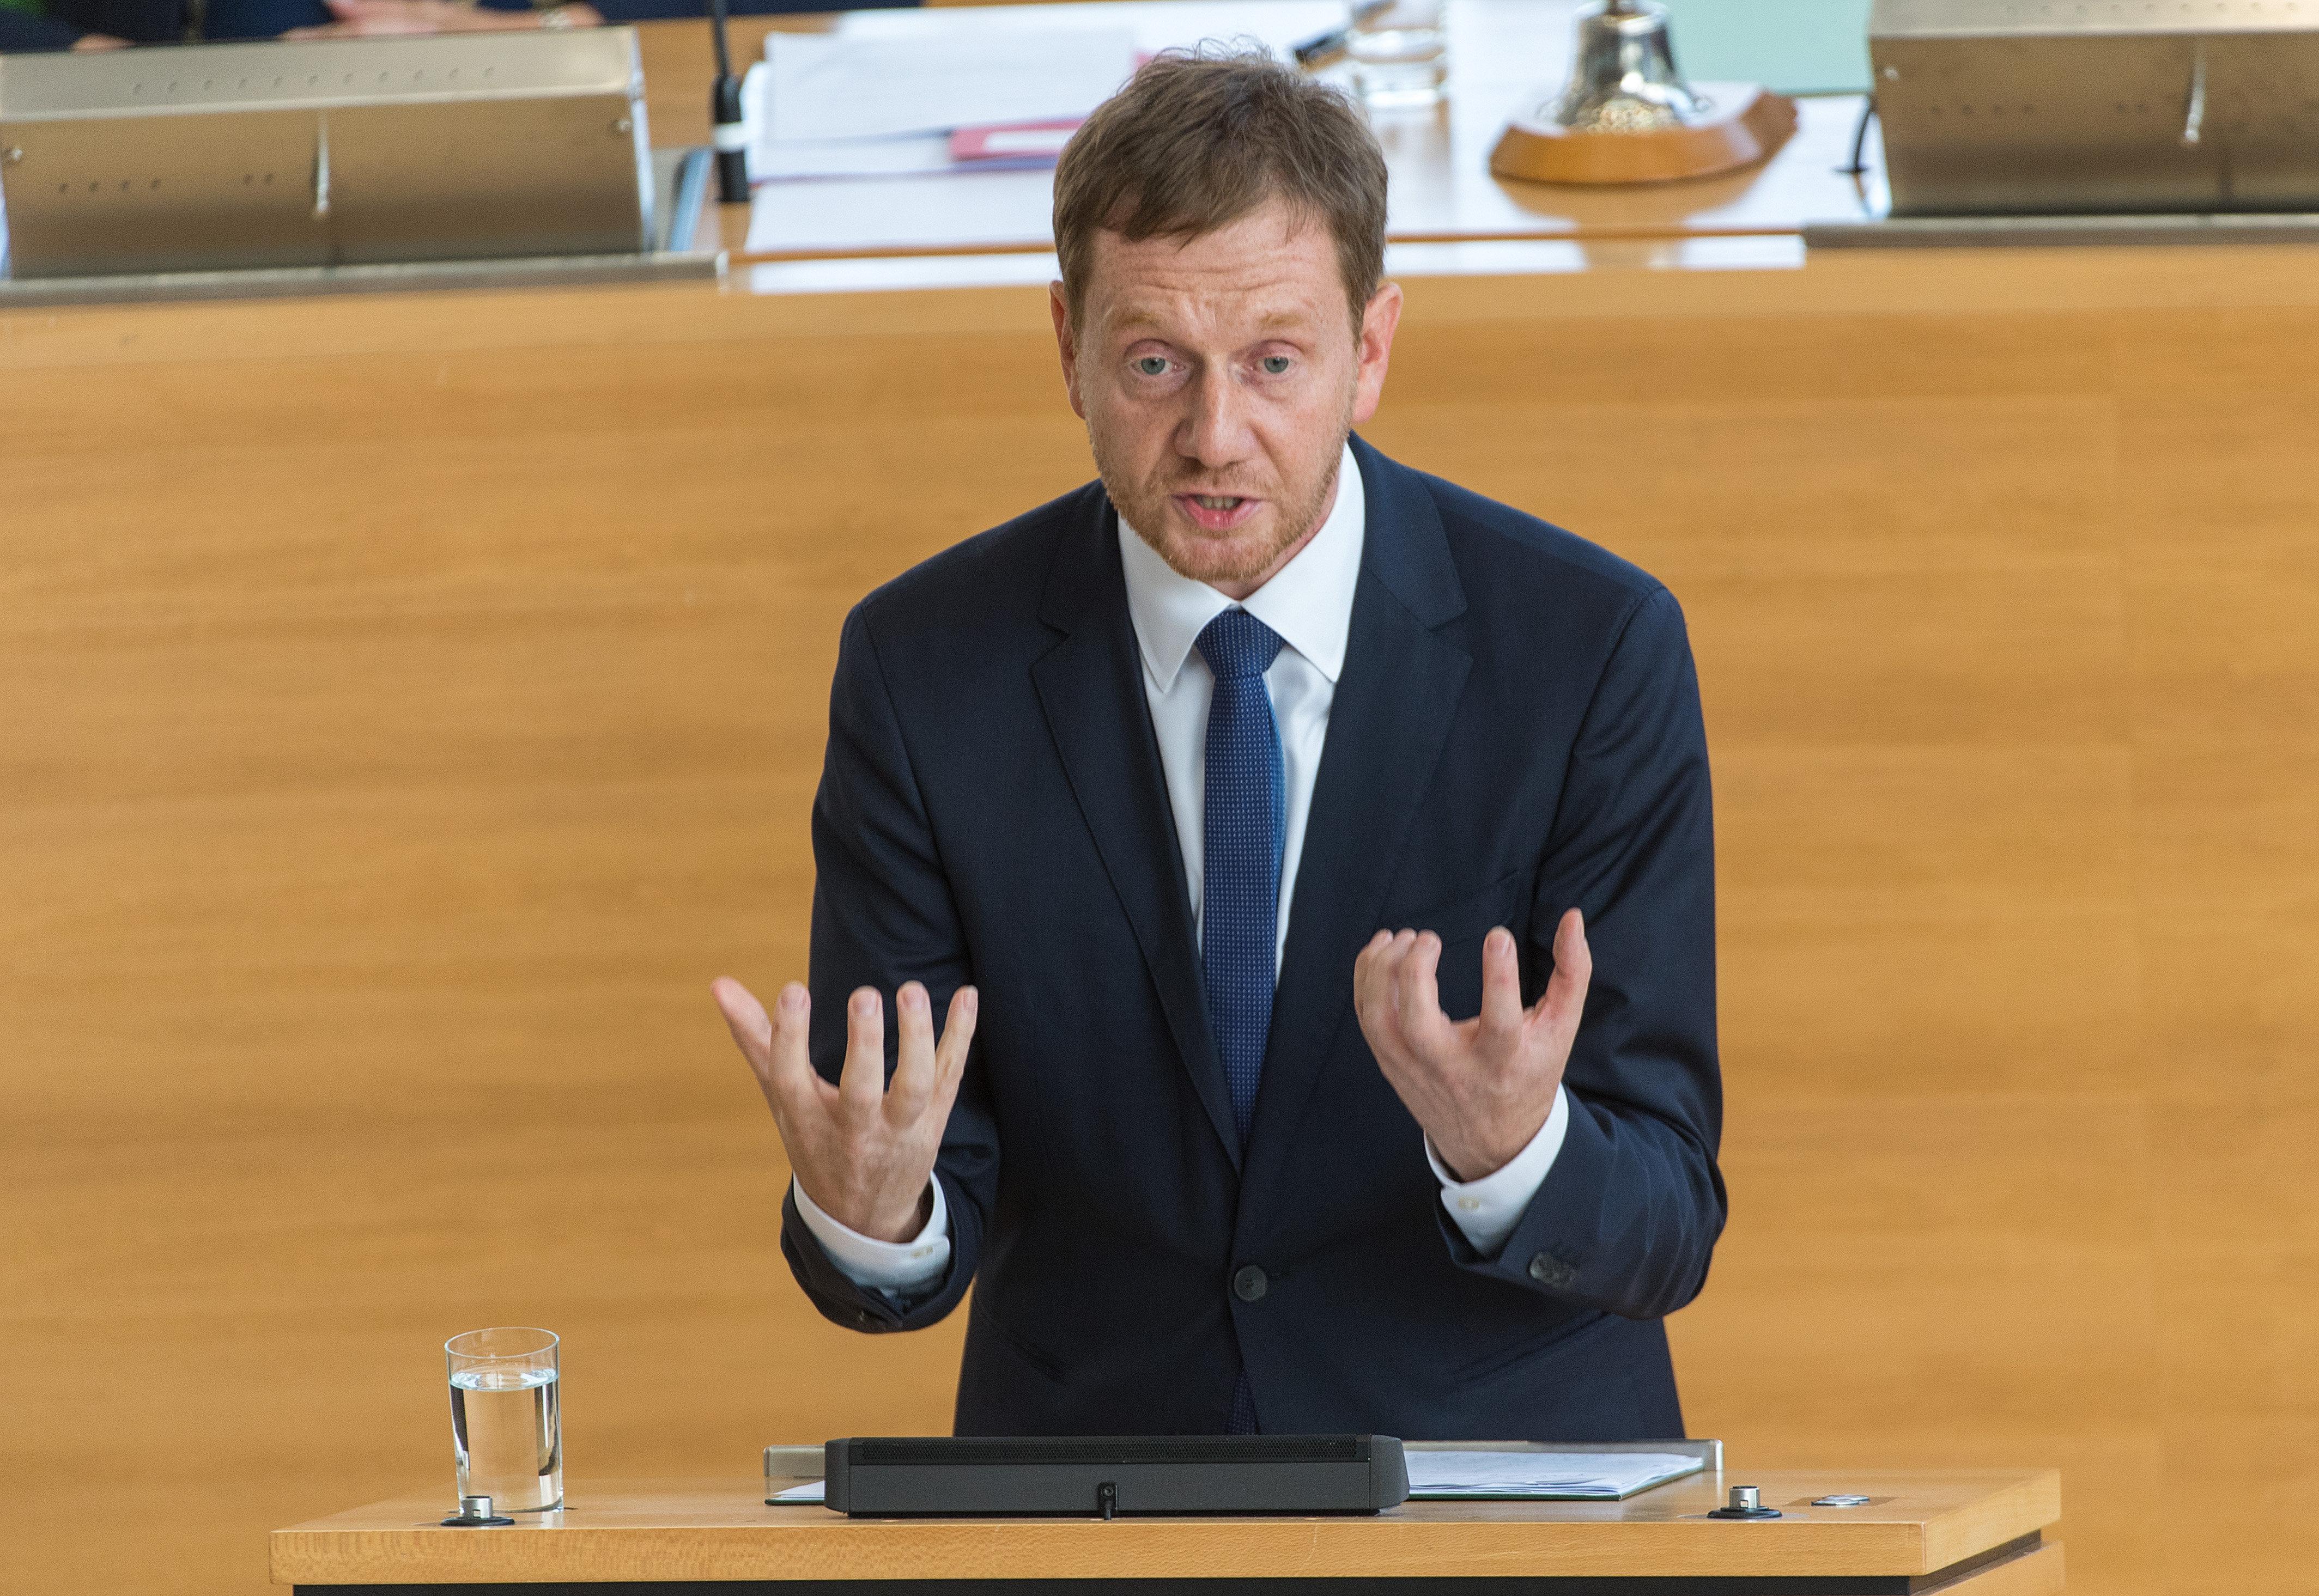 Sachsens Ministerpräsident kritisiert nach Chemnitz die Presse – und attackiert die